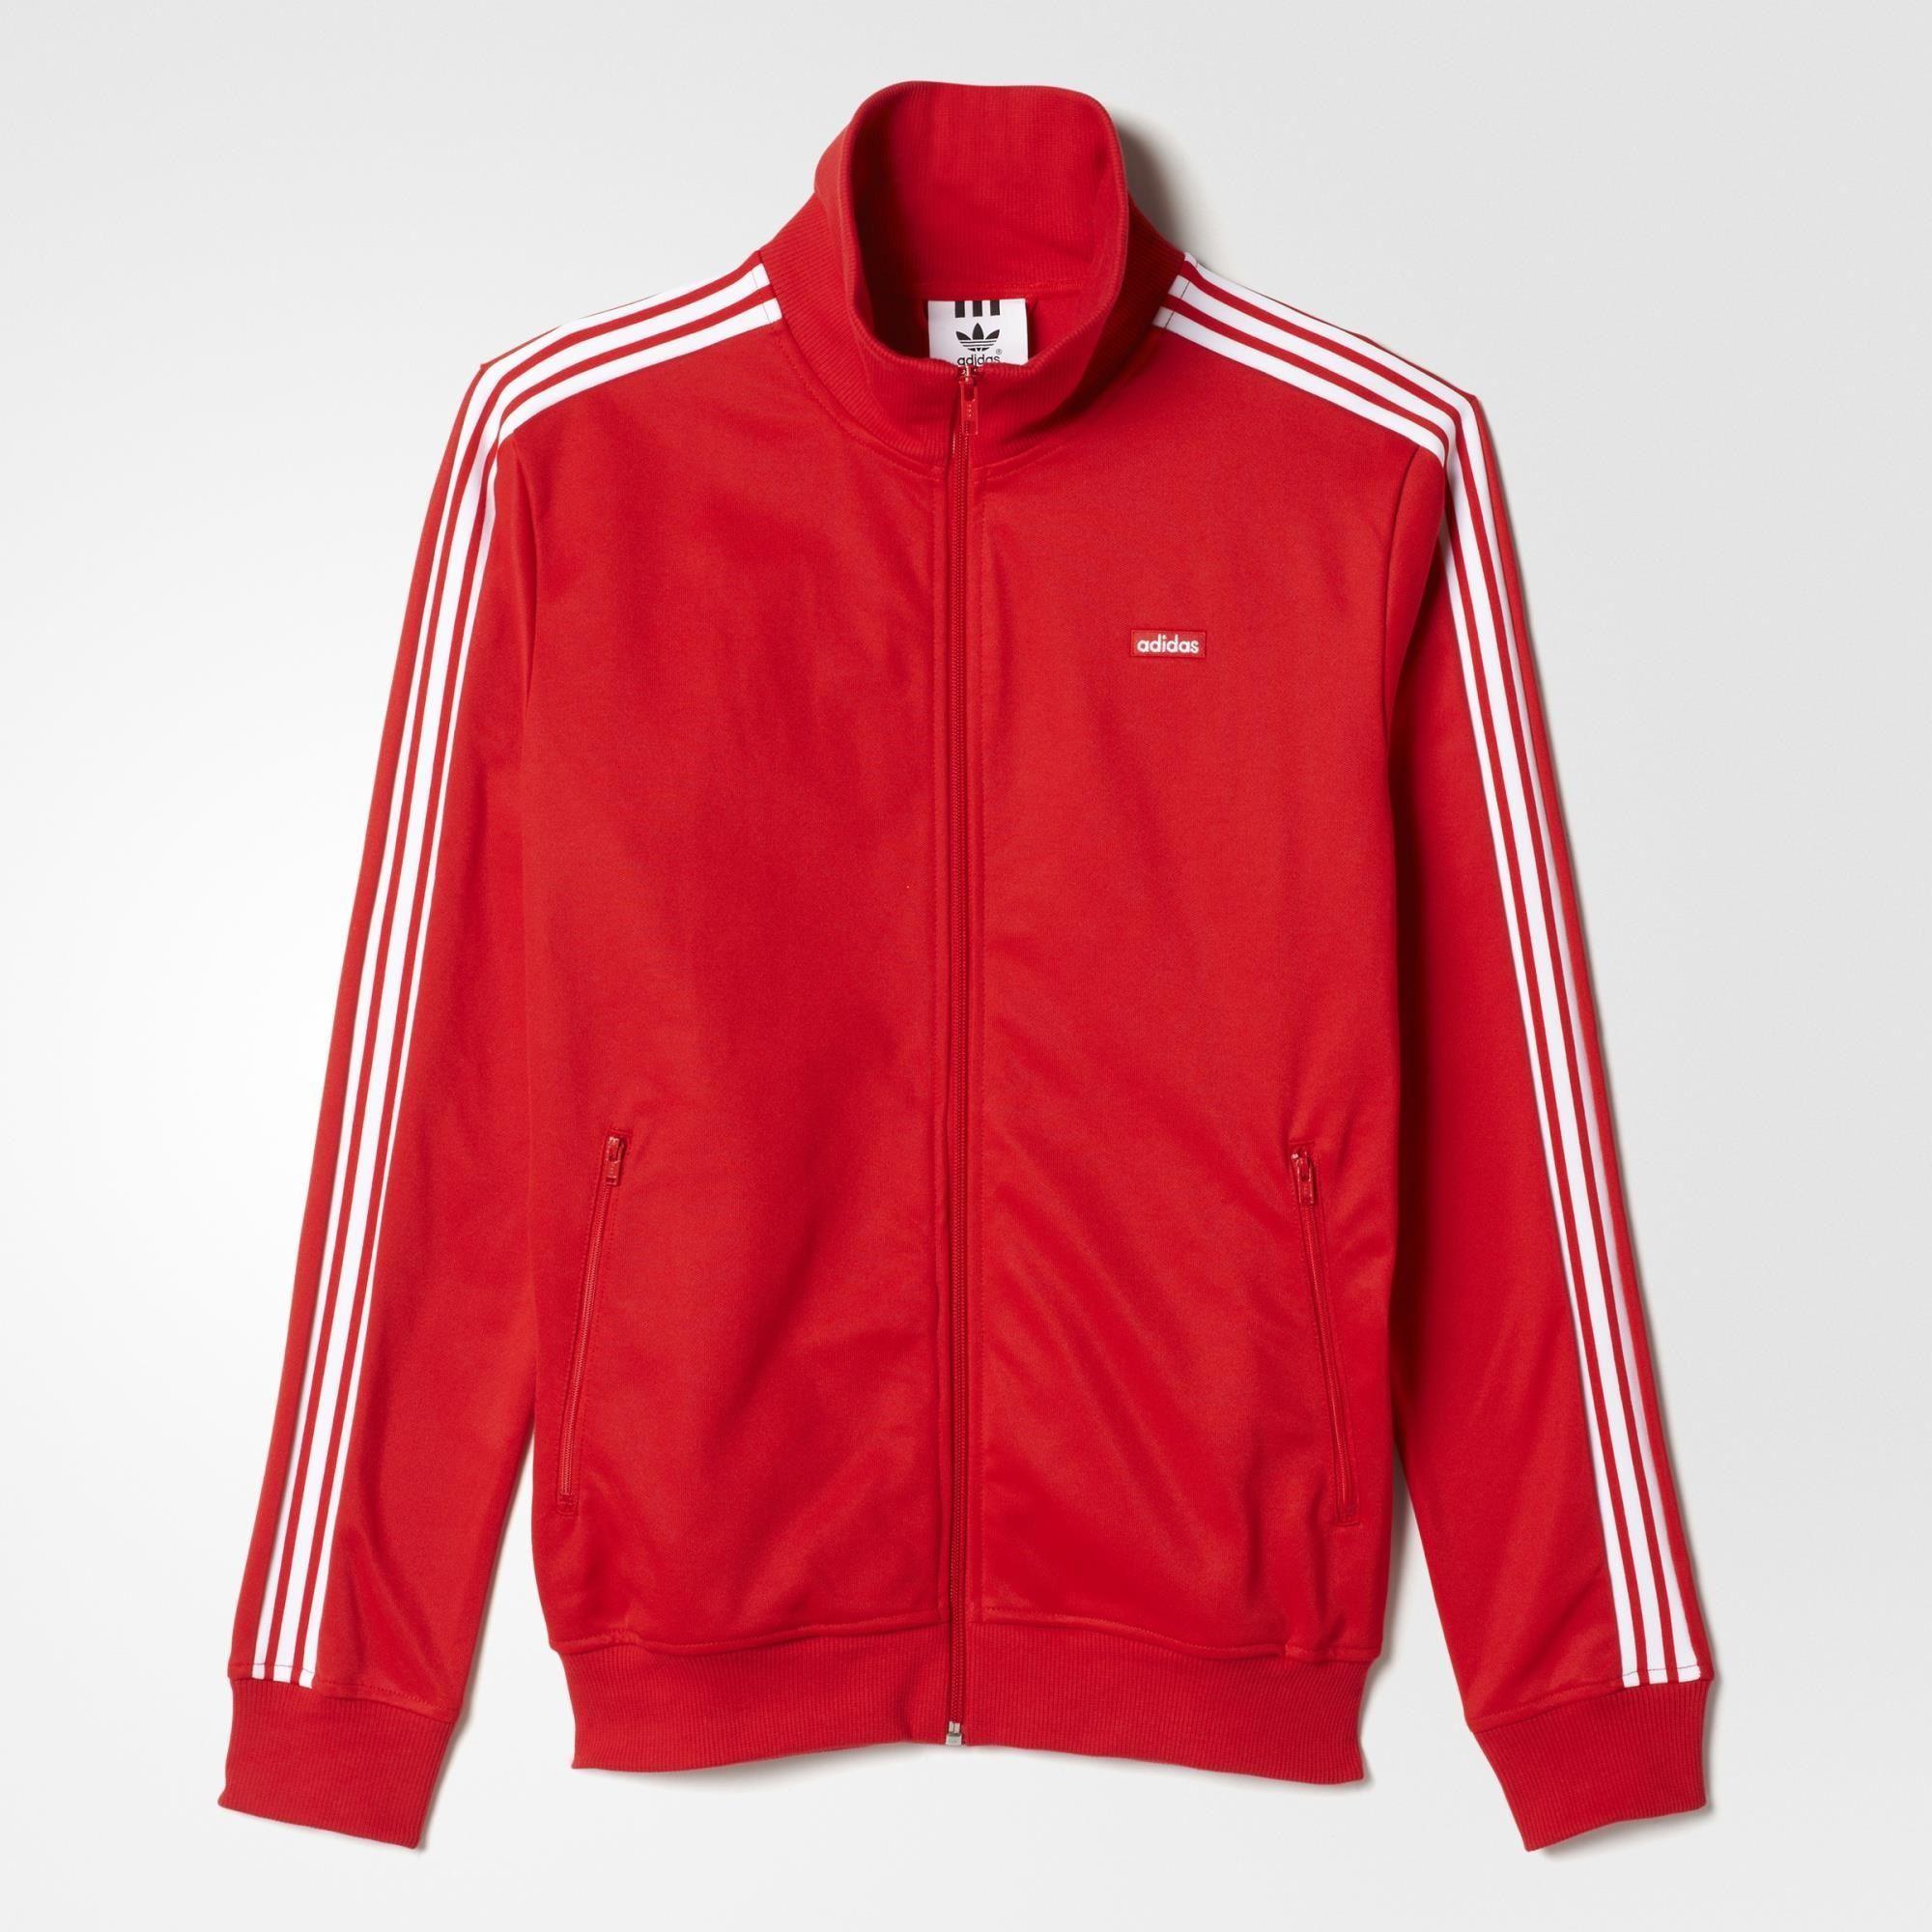 Originals Mexico Beckenbauer Hombre Adidas Red Chamarra HX5xqZw7Pa